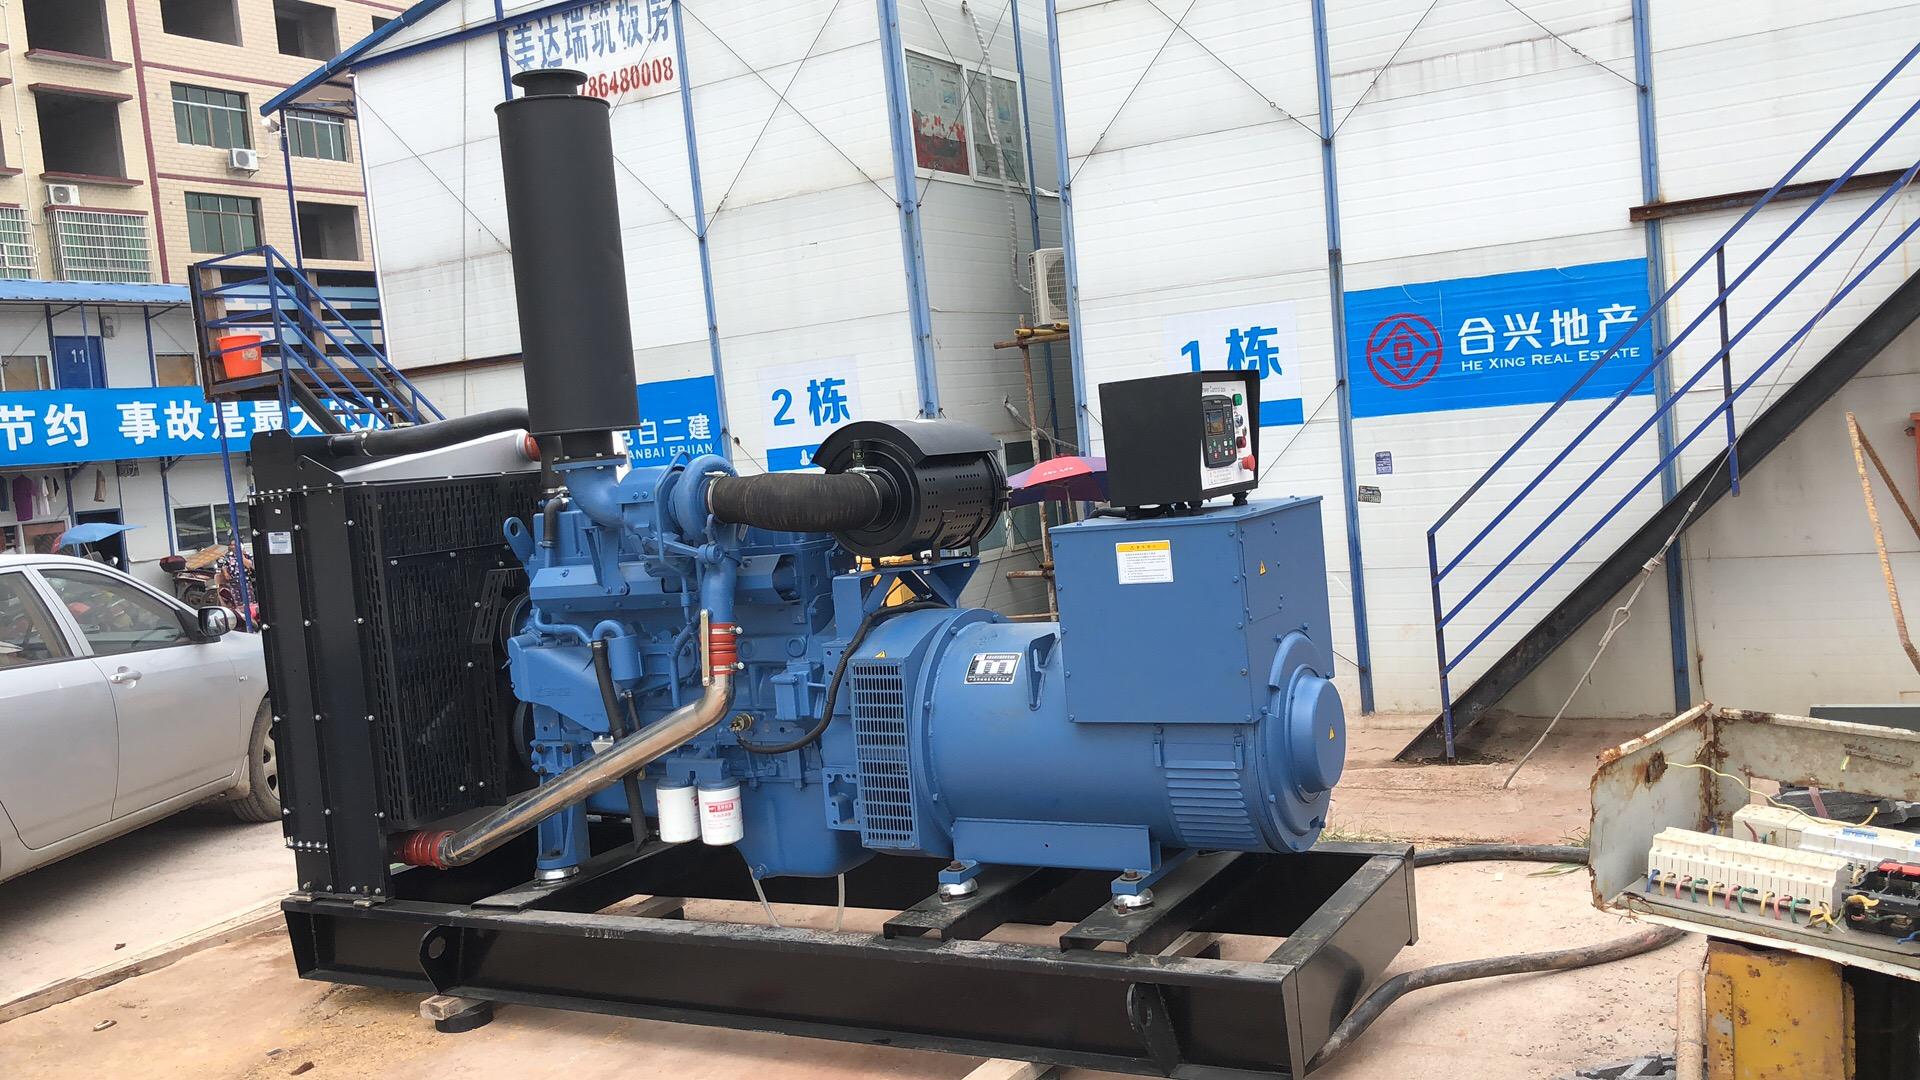 合纵连横房地产公司采购玉柴300kw柴油发电机组